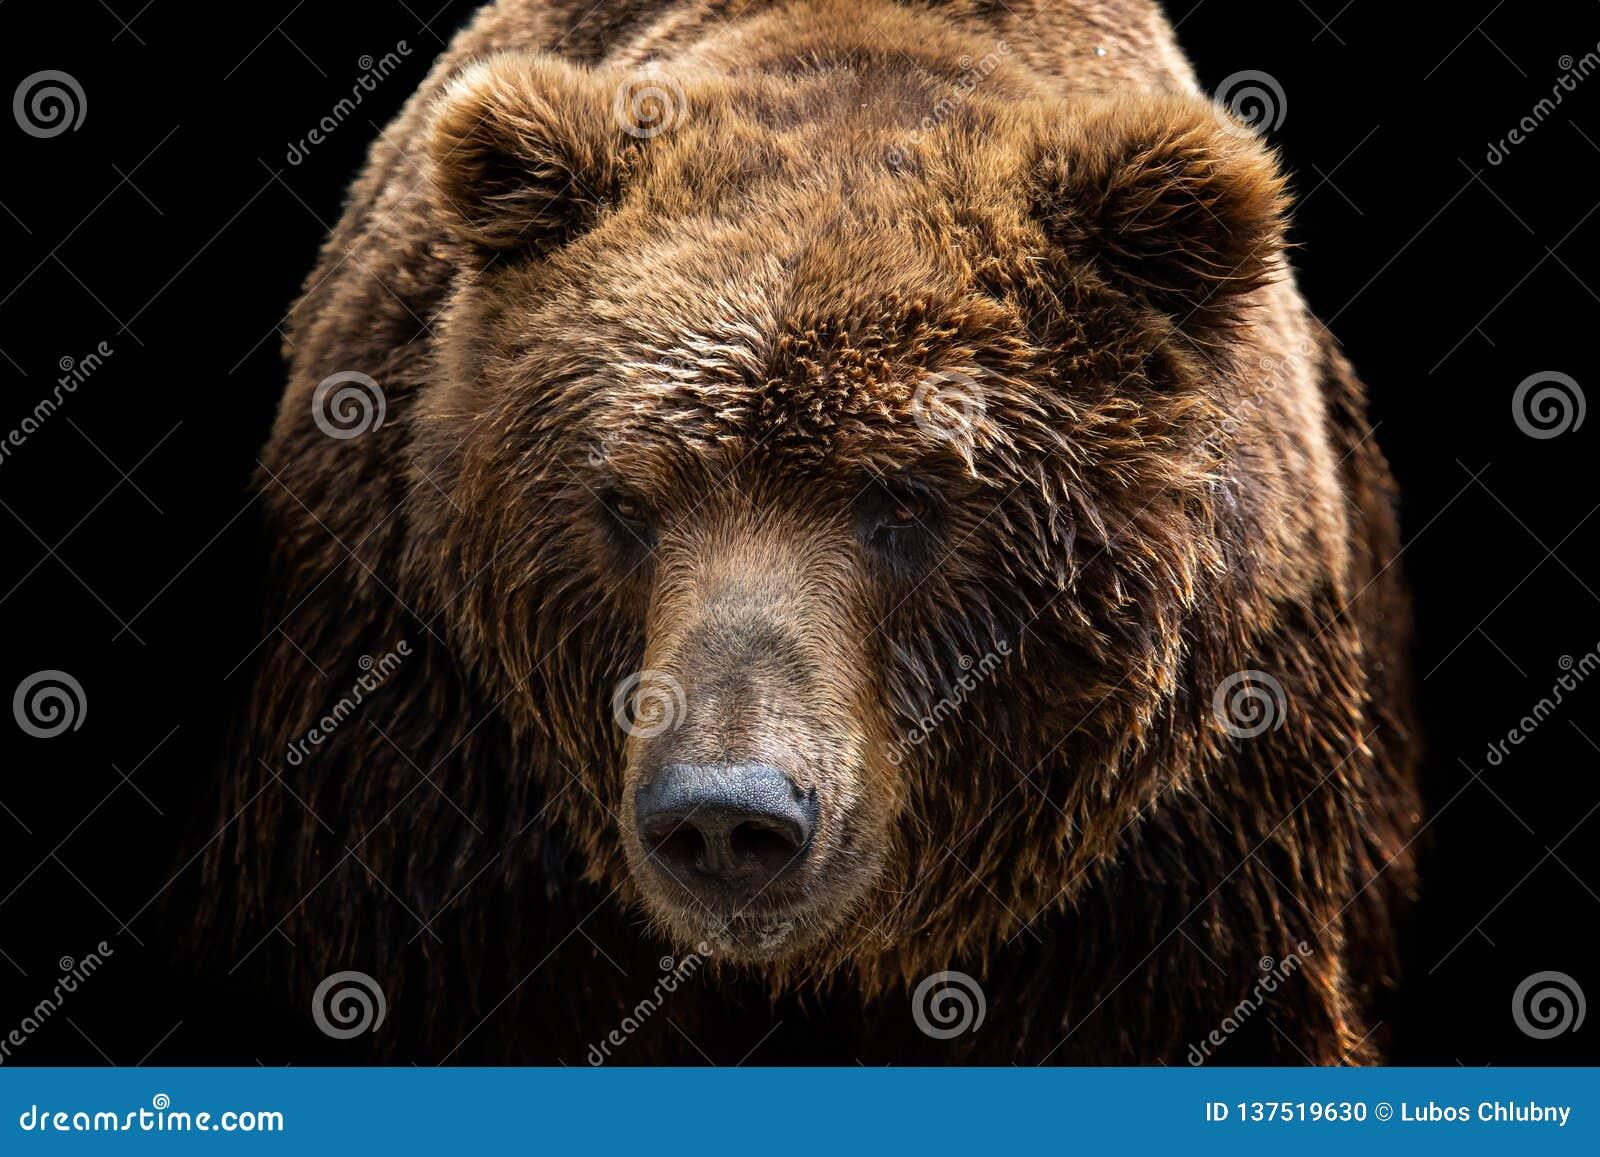 Вид спереди бурого медведя изолированное на черной предпосылке Портрет медведя Камчатка